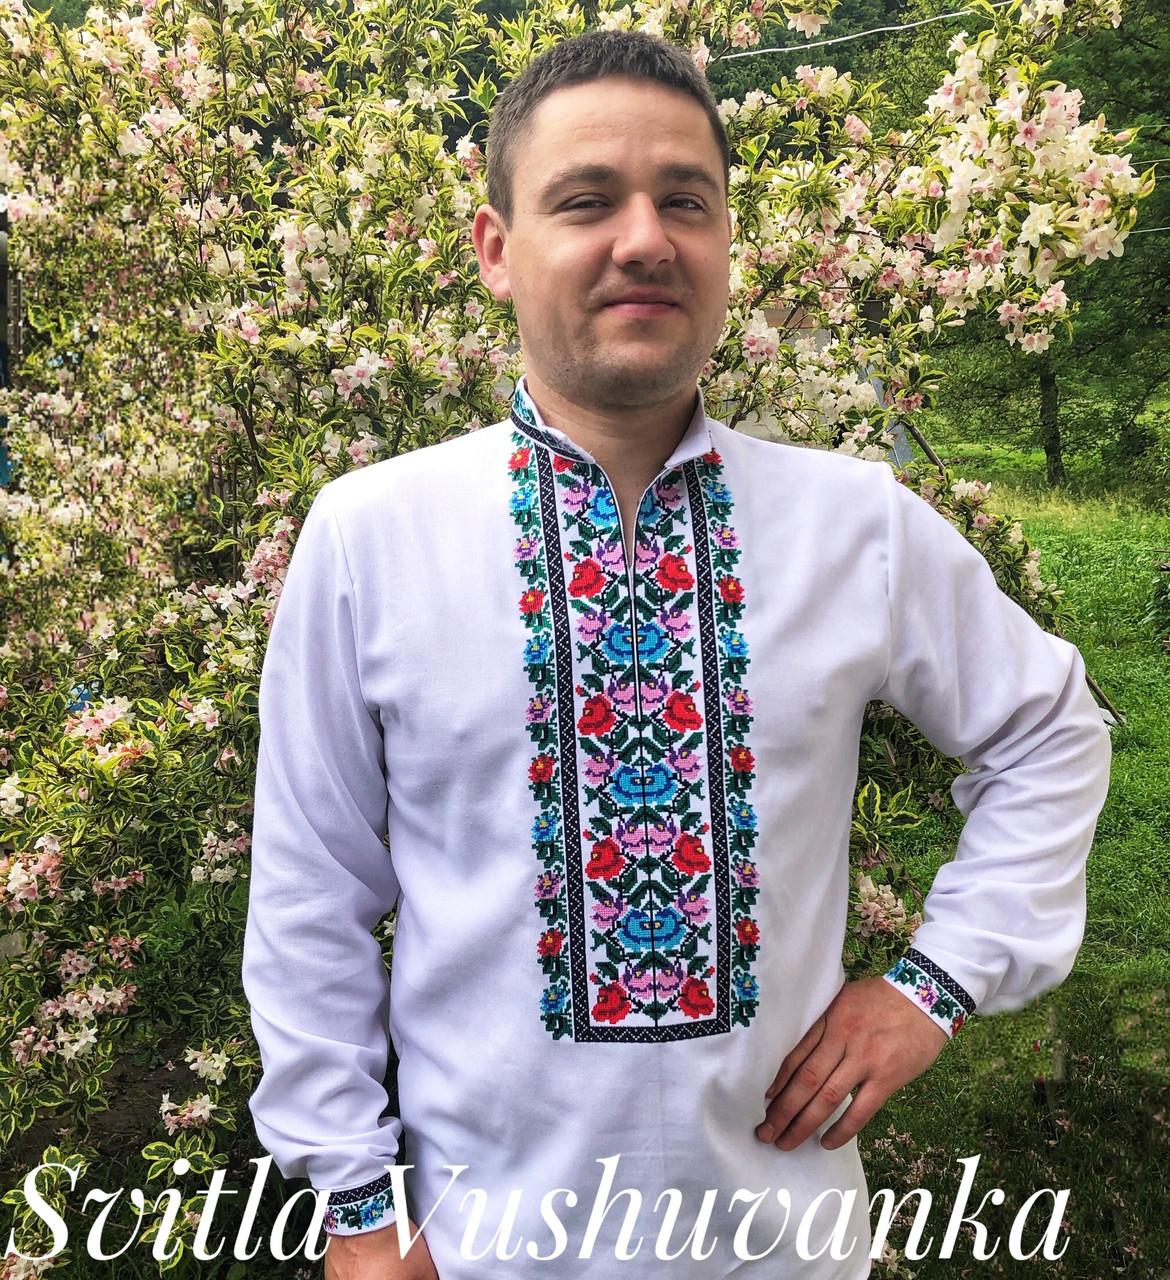 Квіткова чоловіча вишиванка, ефектна і кольорова «Дрібні рози»